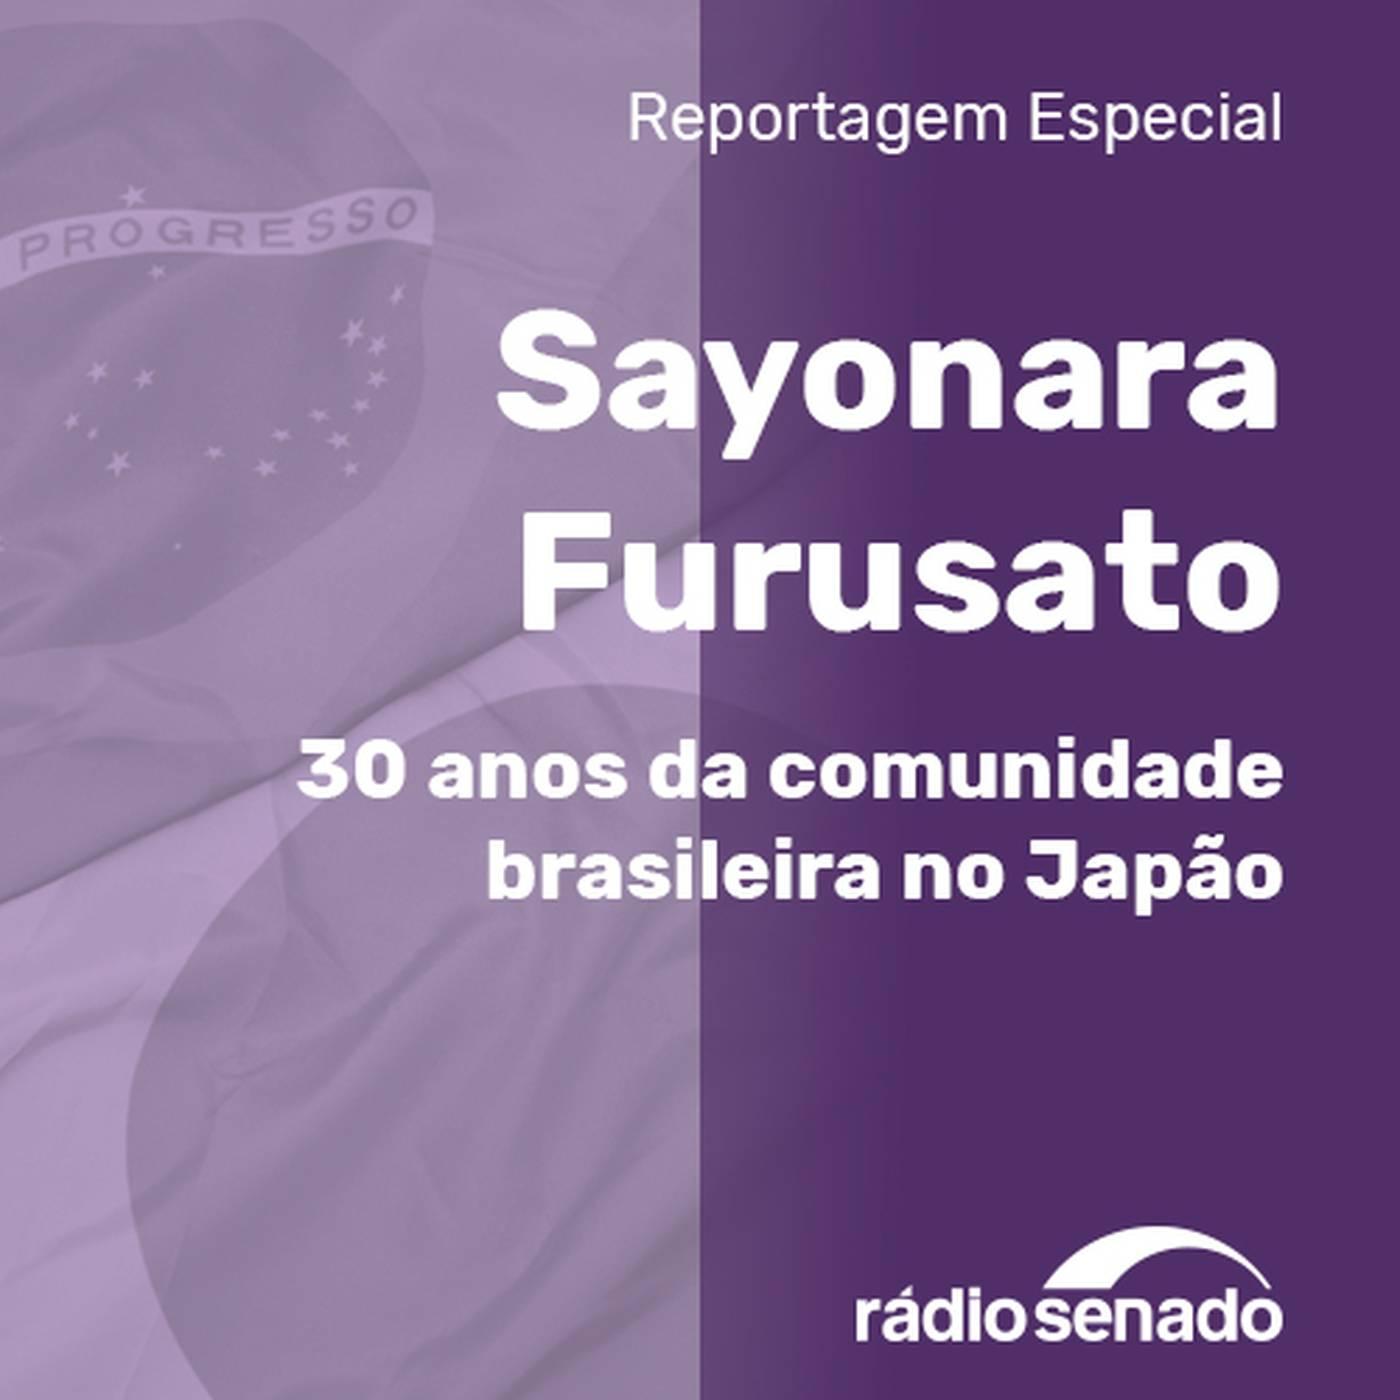 30 anos da comunidade japonesa no Brasil